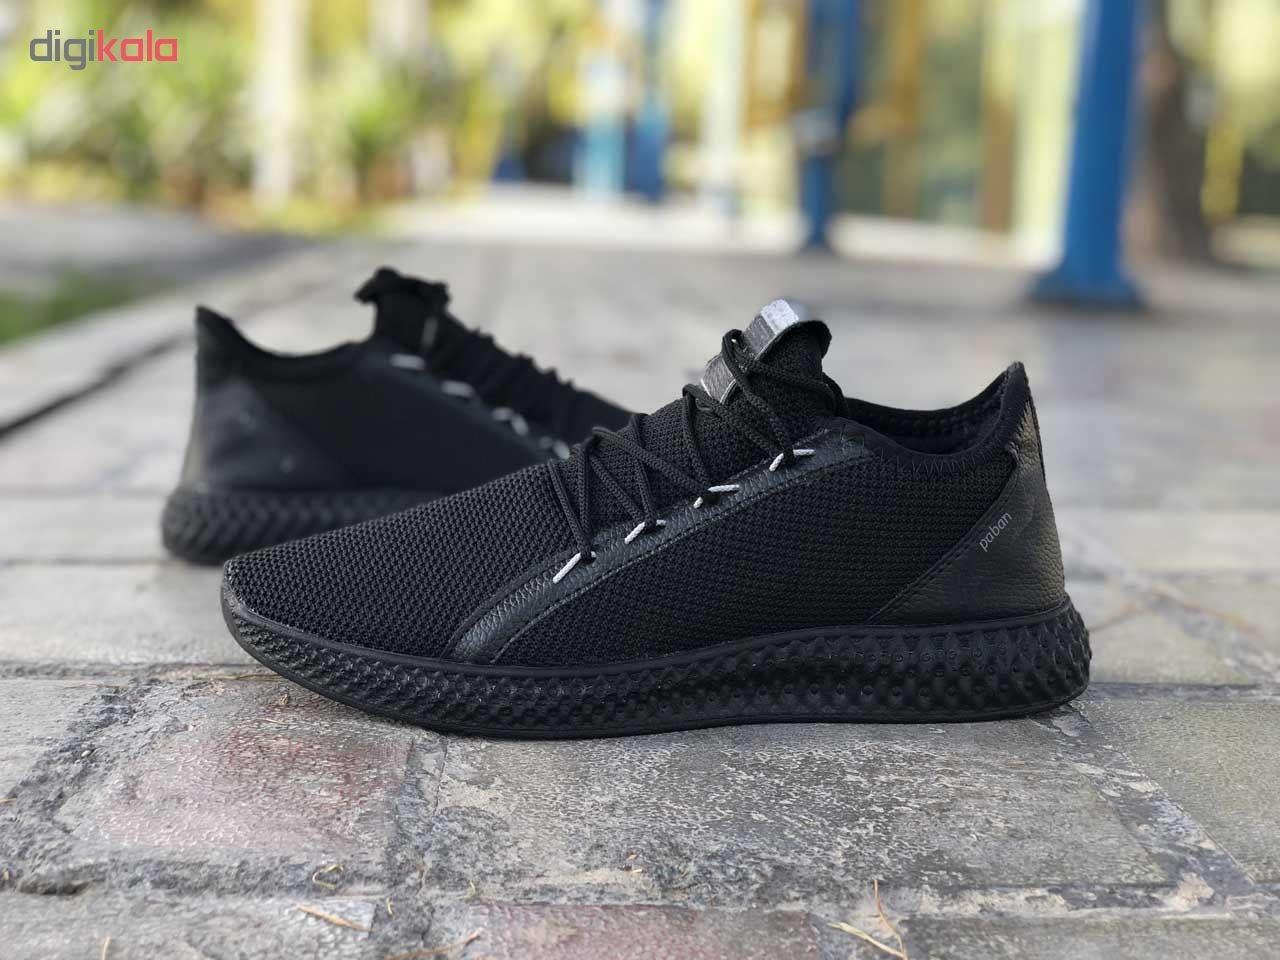 کفش مخصوص پیاده روی مردانه کد 9610 main 1 2